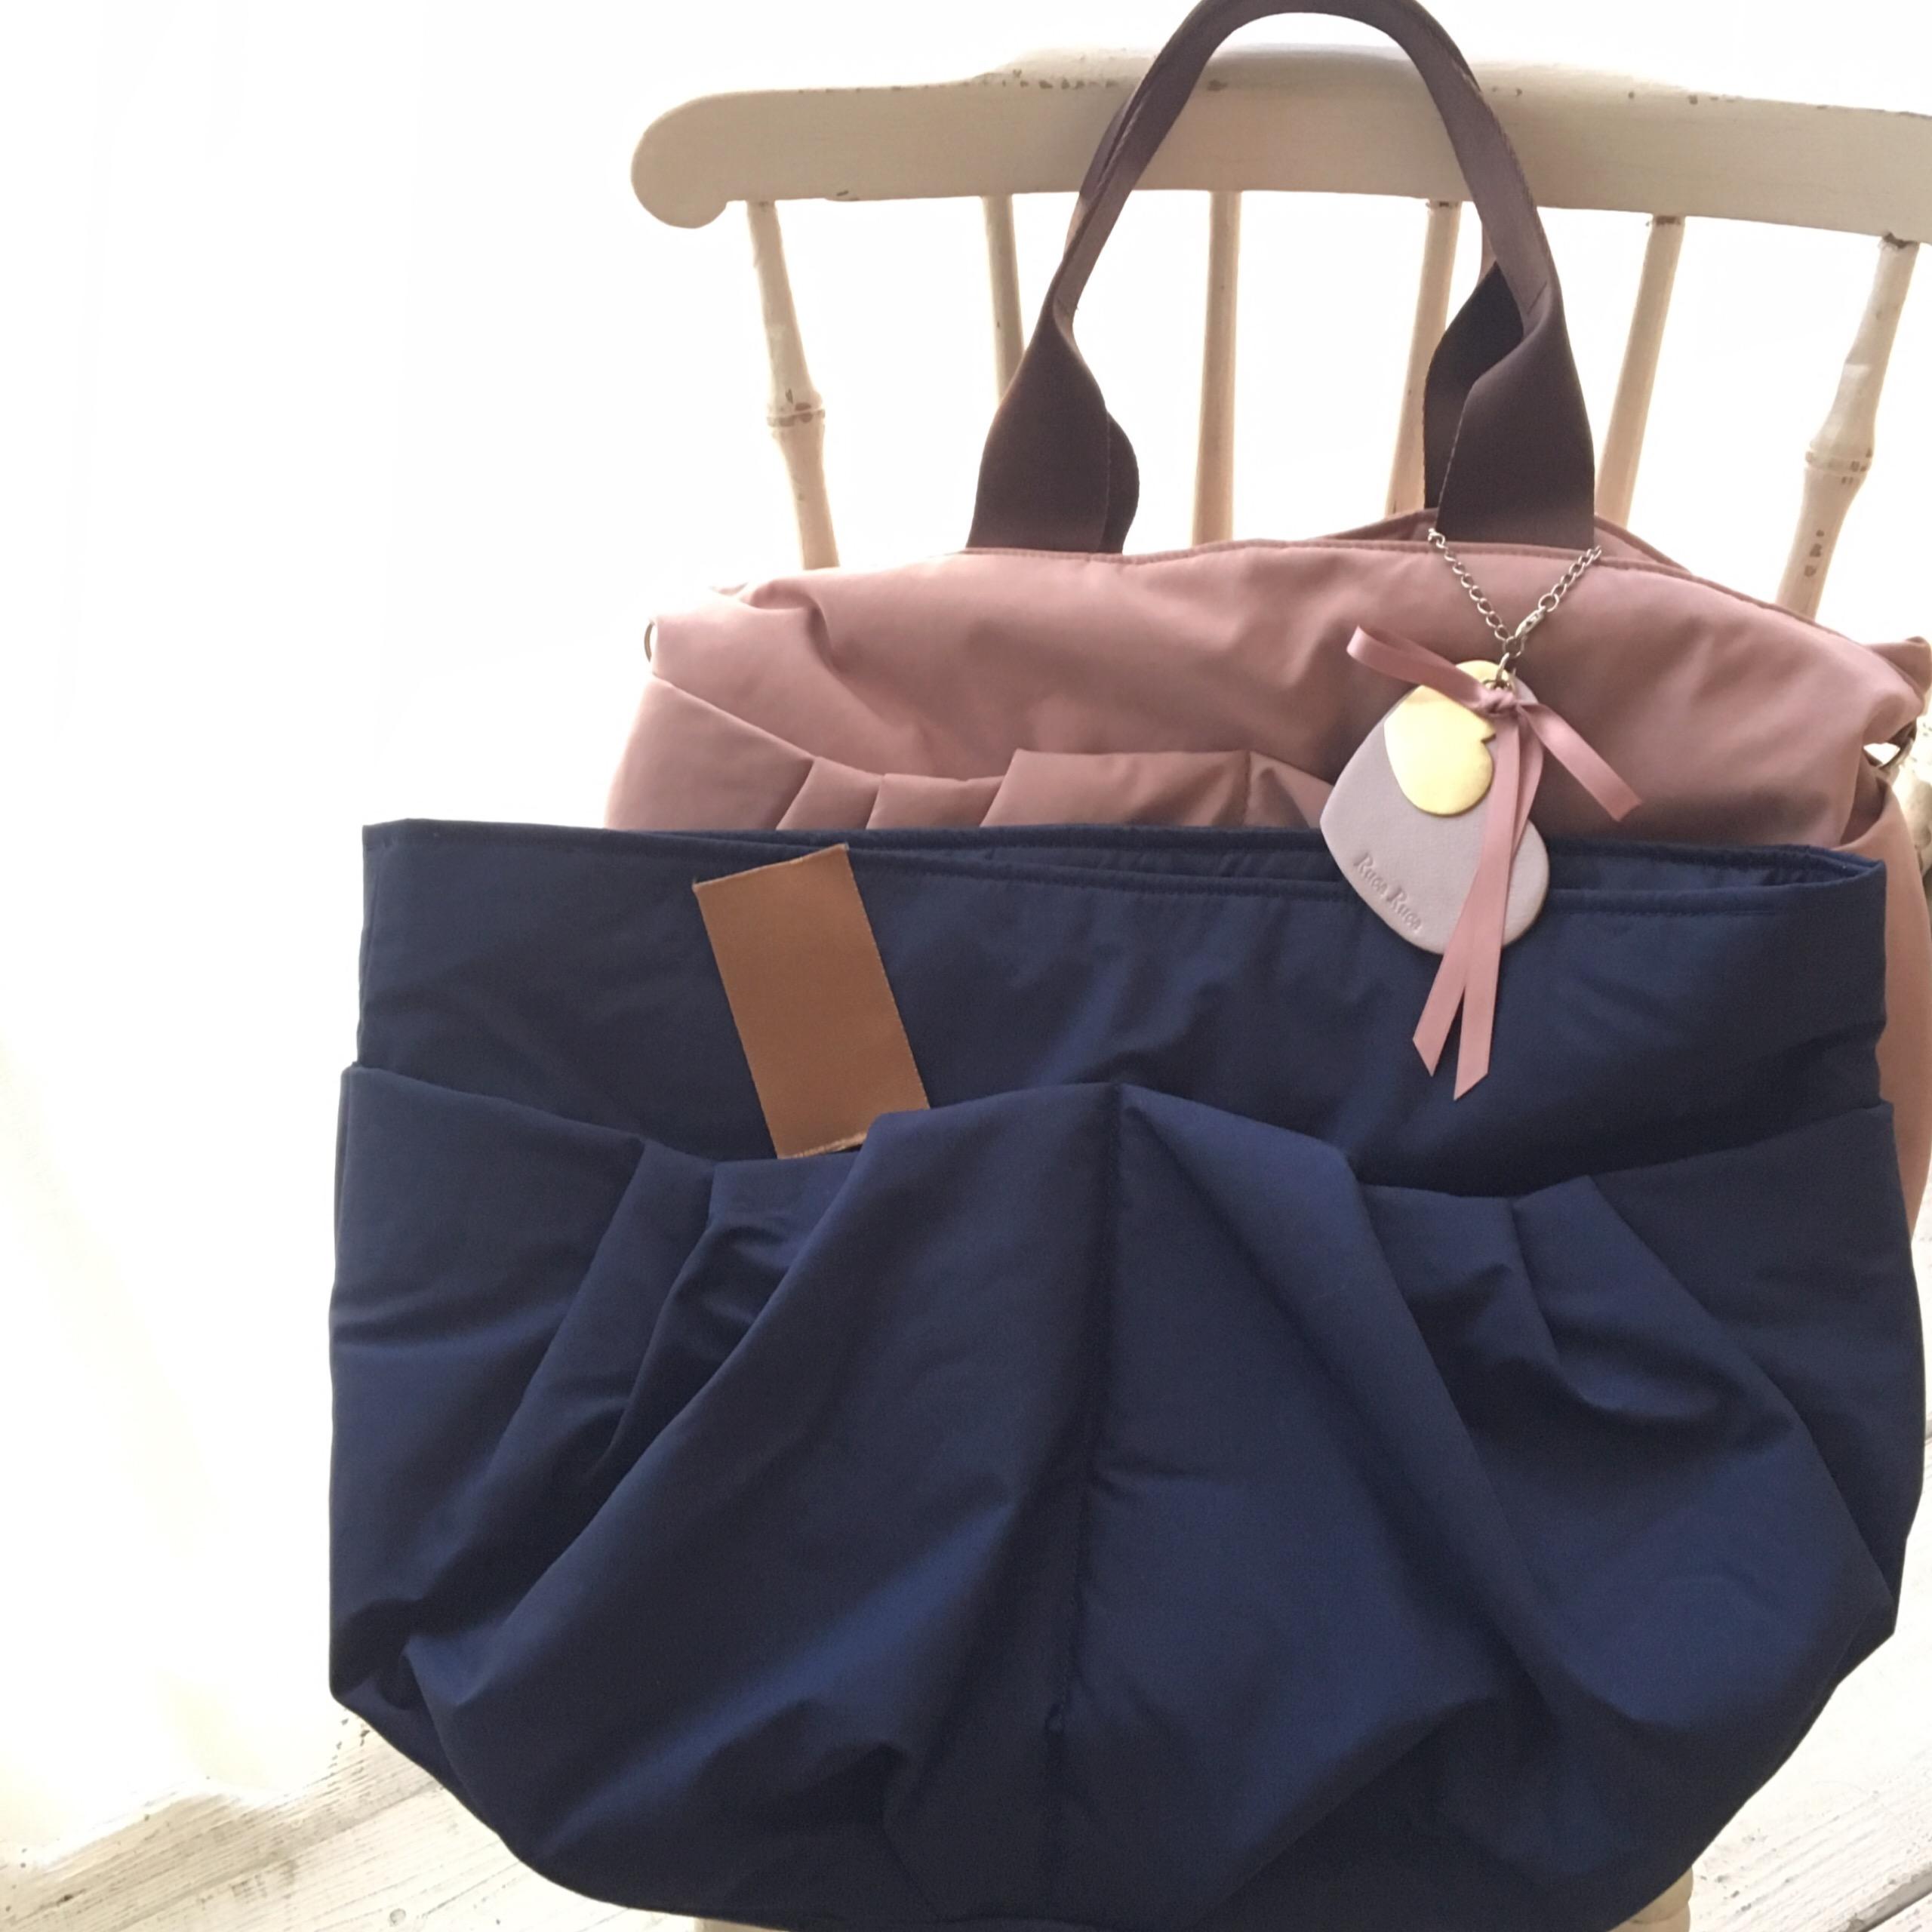 ネイビーカラーのママバッグ、持ち手の色が決まりました♪